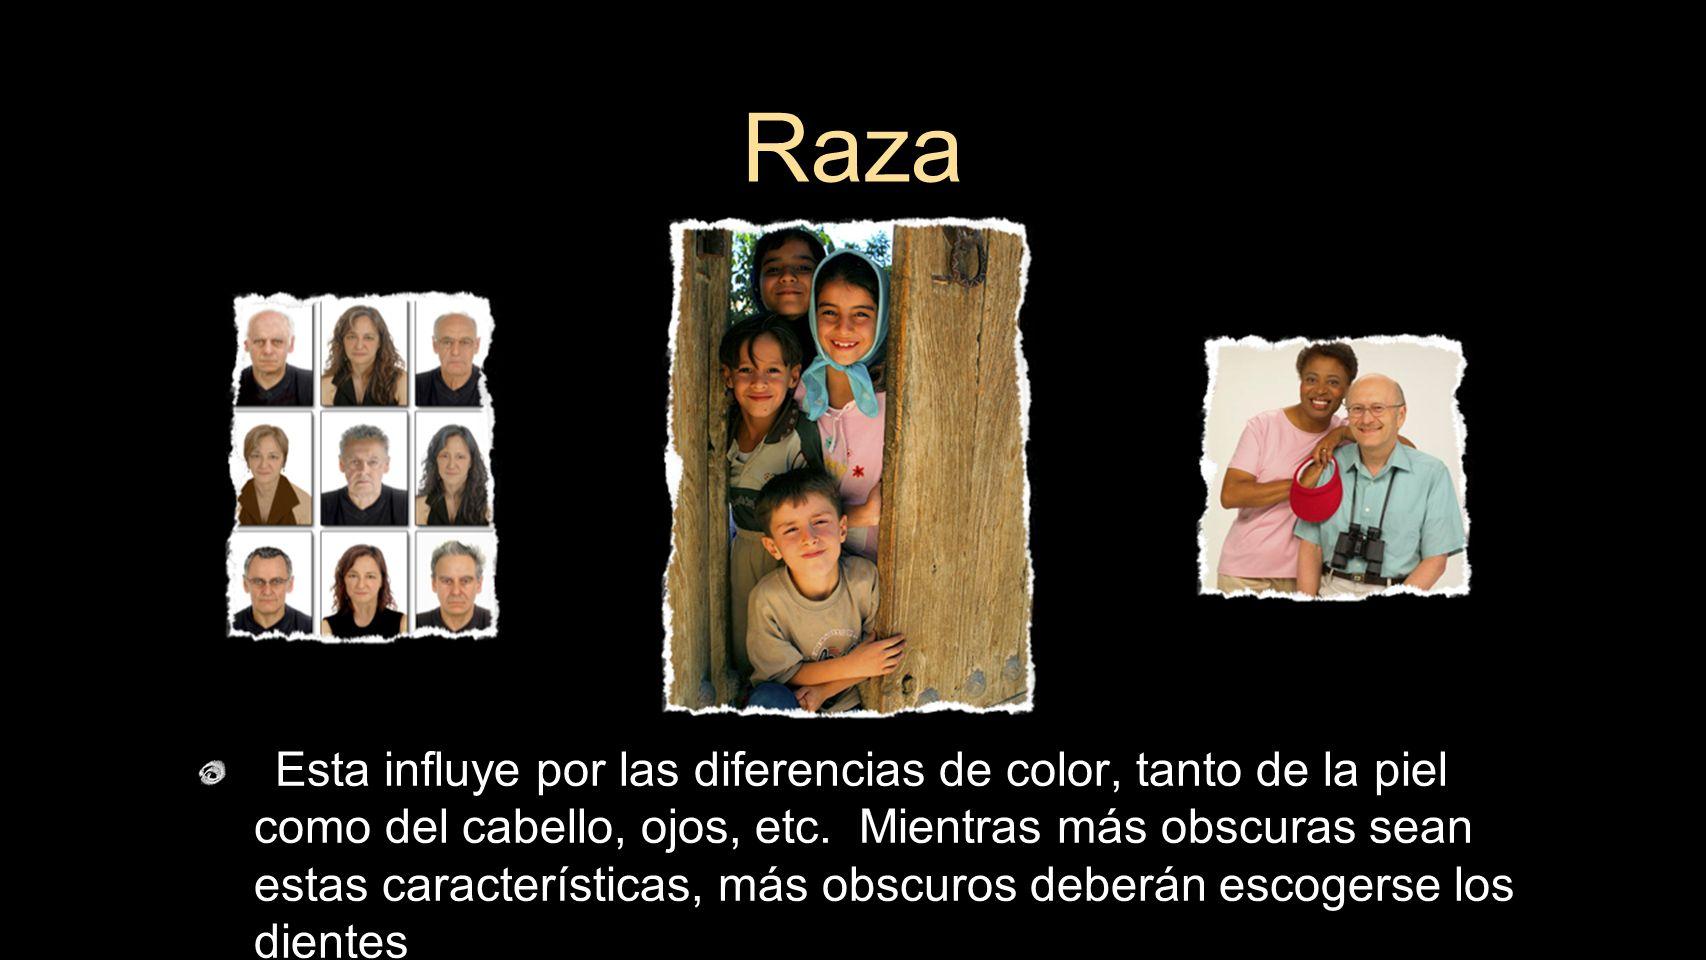 Esta influye por las diferencias de color, tanto de la piel como del cabello, ojos, etc. Mientras más obscuras sean estas características, más obscuro